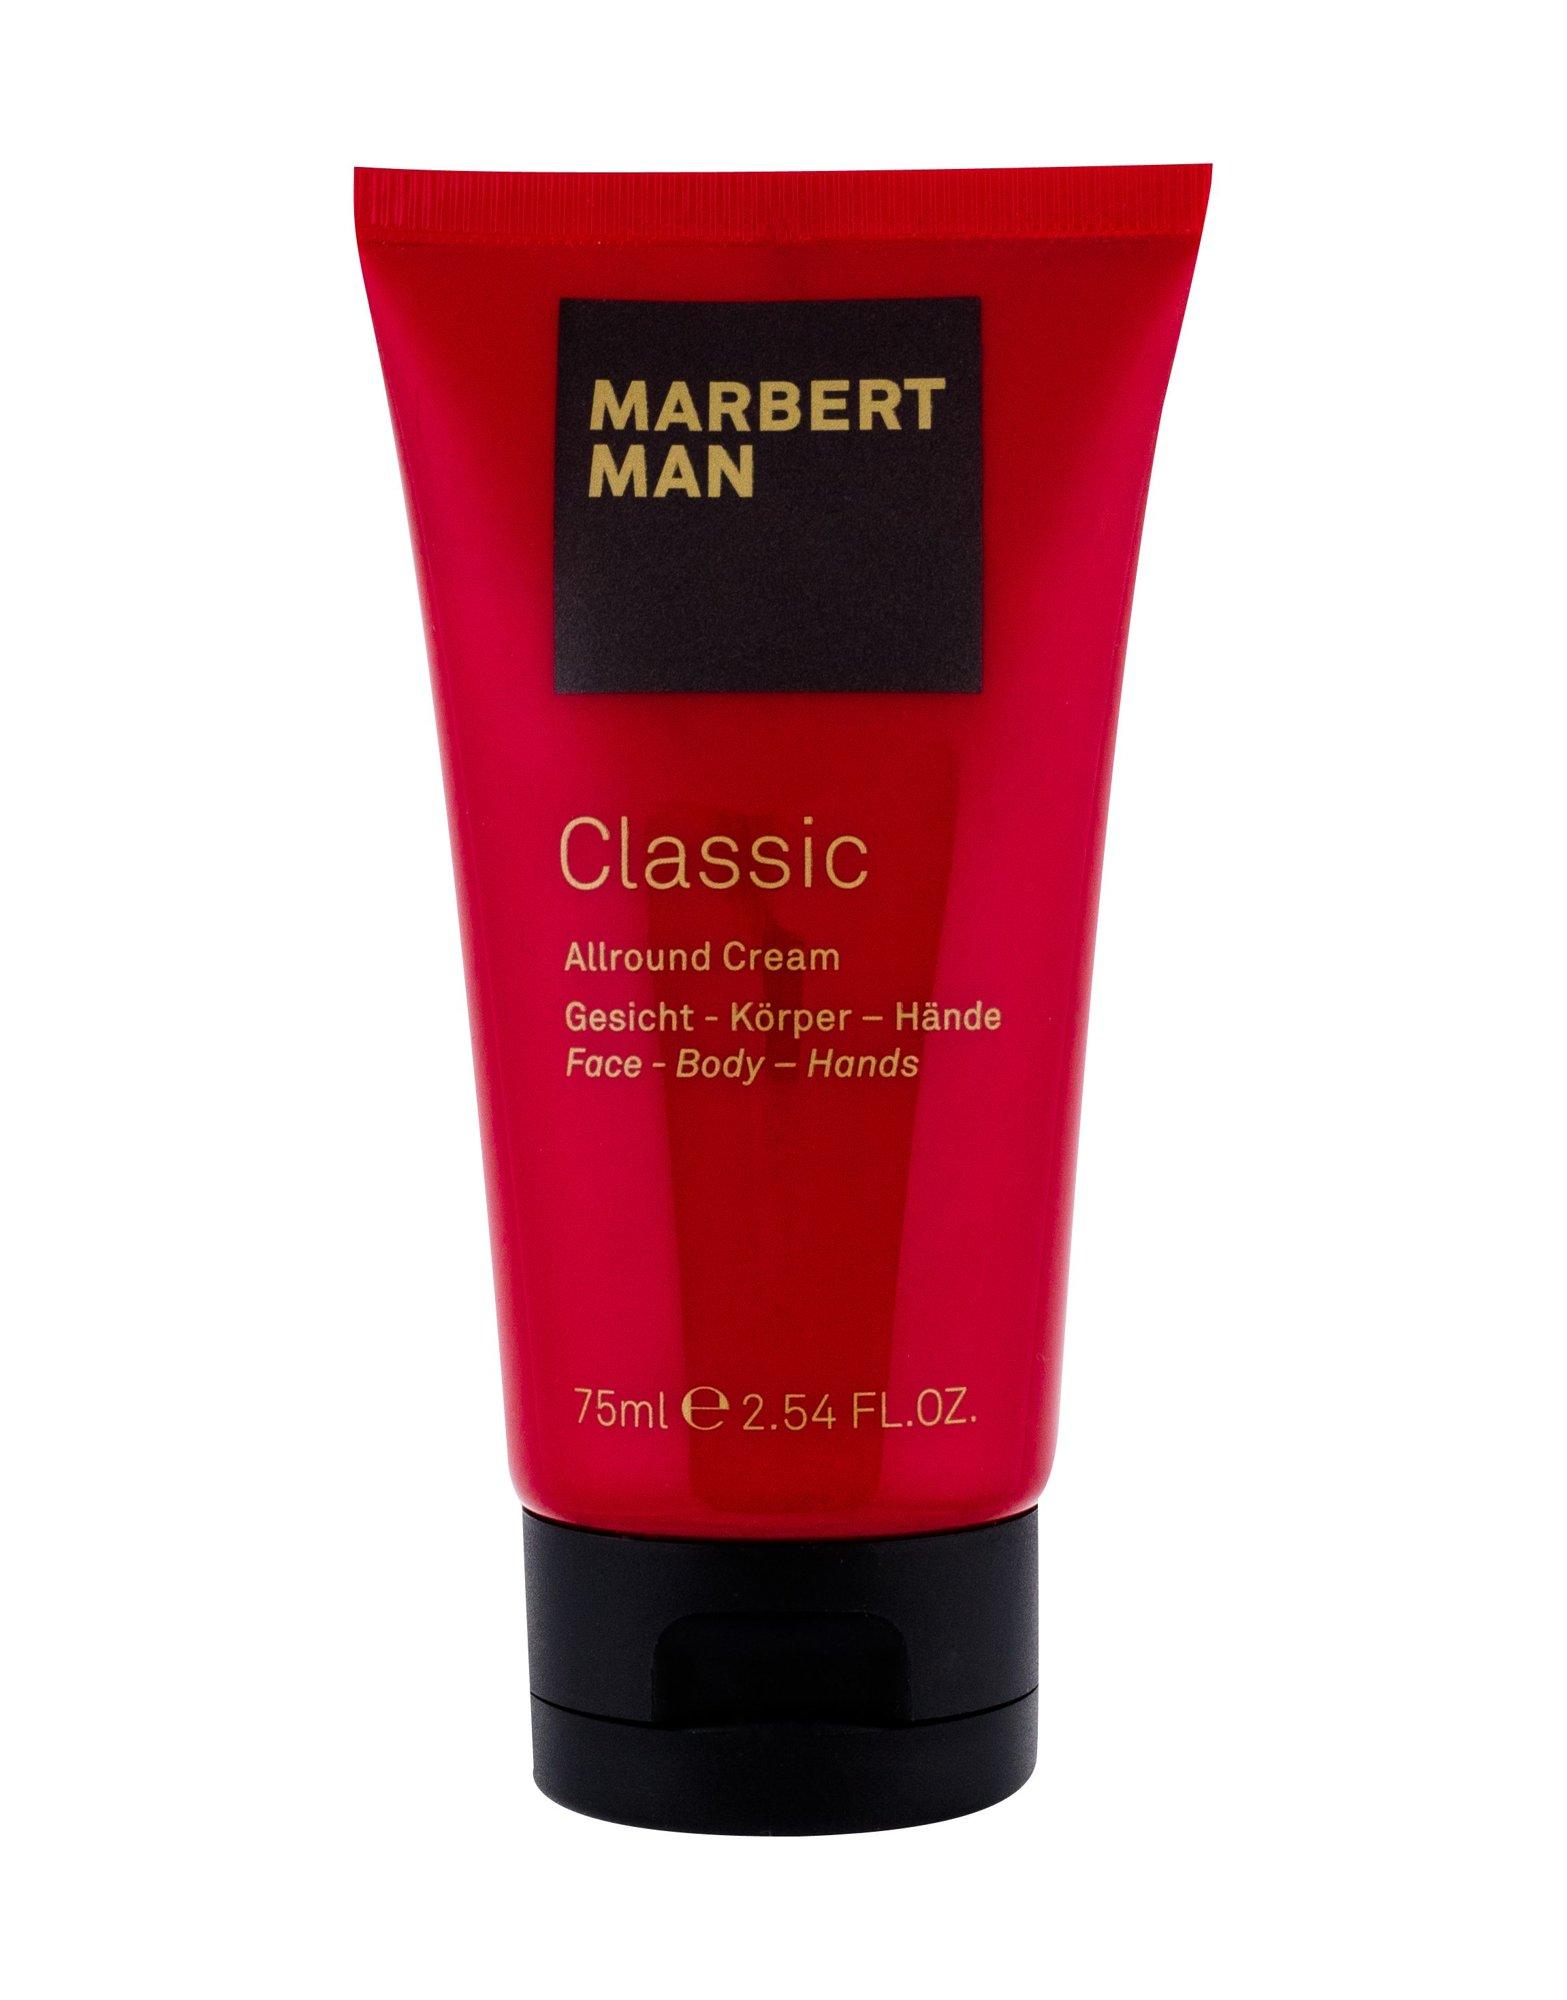 Marbert Marbert Man Classic Day Cream 75ml